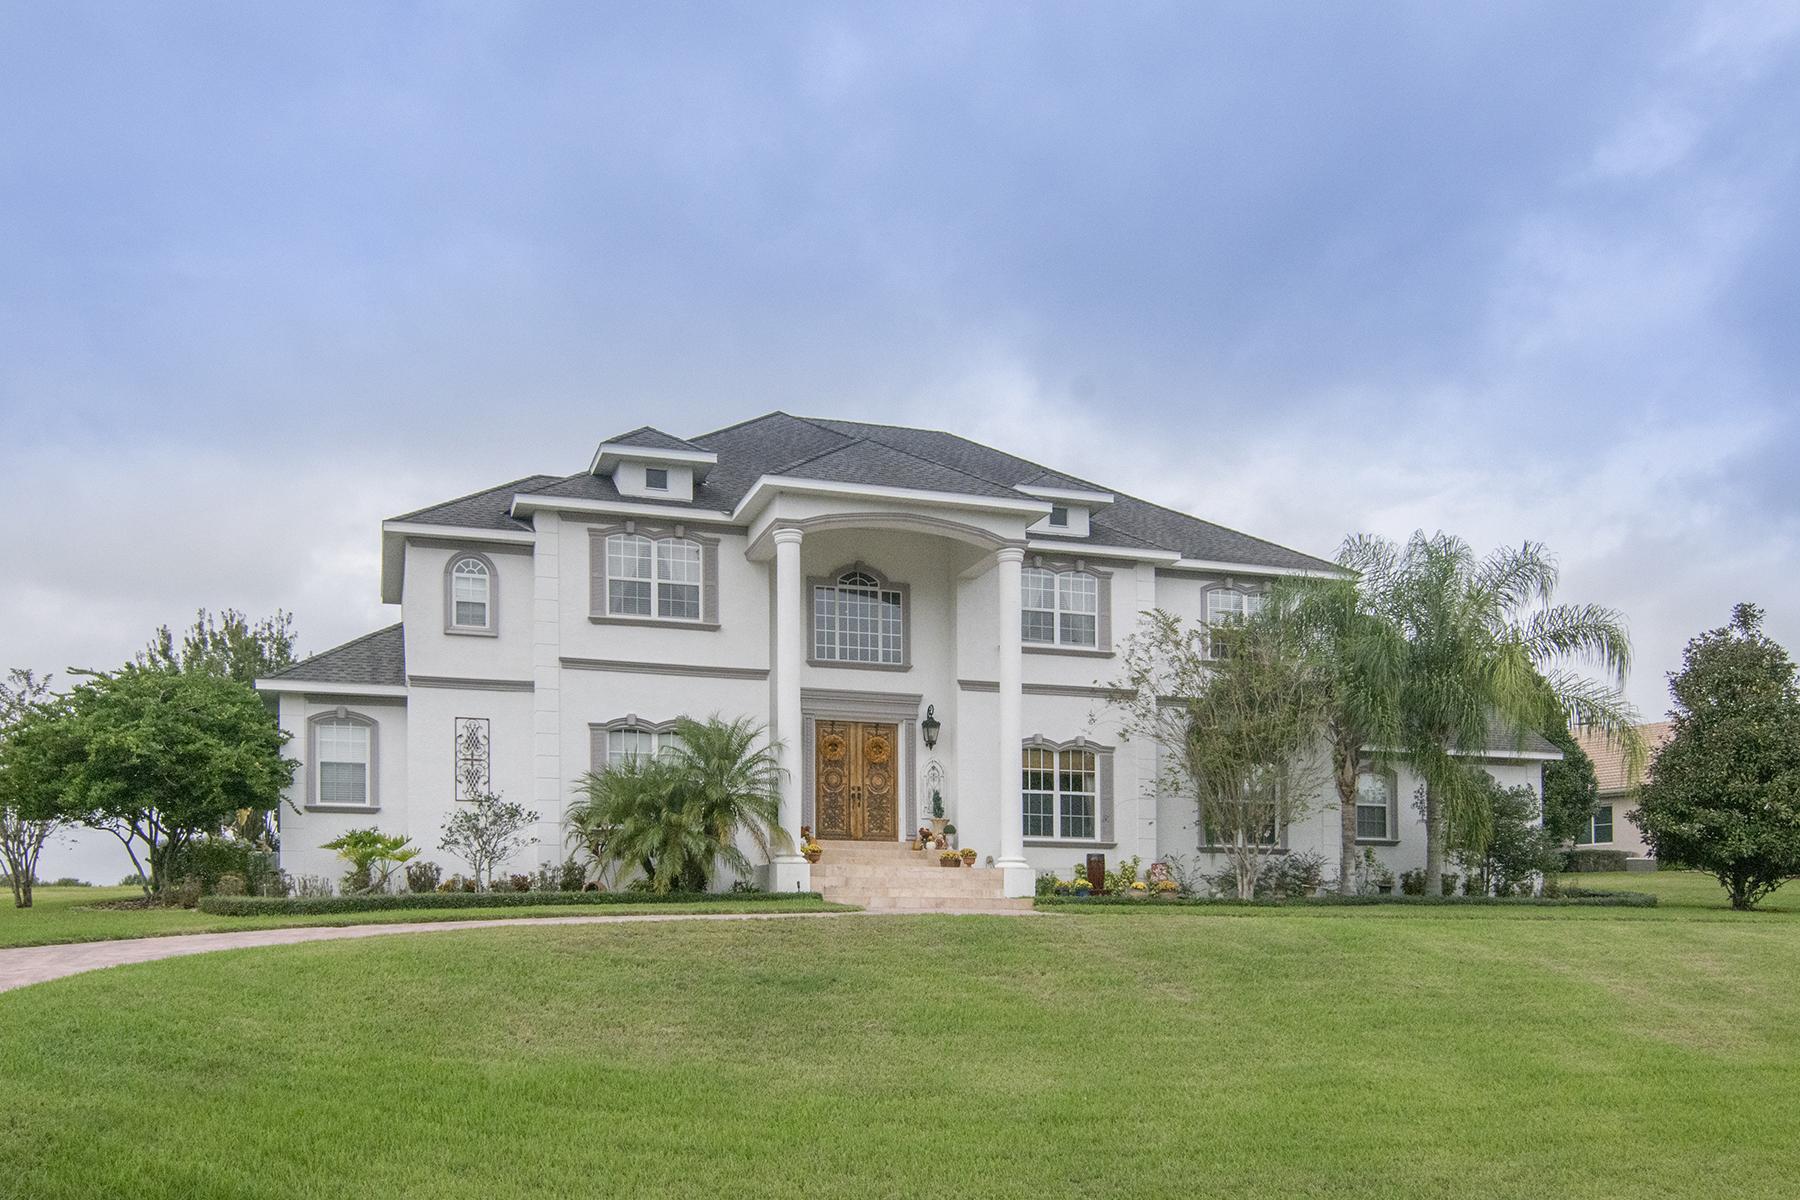 獨棟家庭住宅 為 出售 在 LAKE JOVITA 12851 Ventana Ct Dade City, 佛羅里達州, 33525 美國